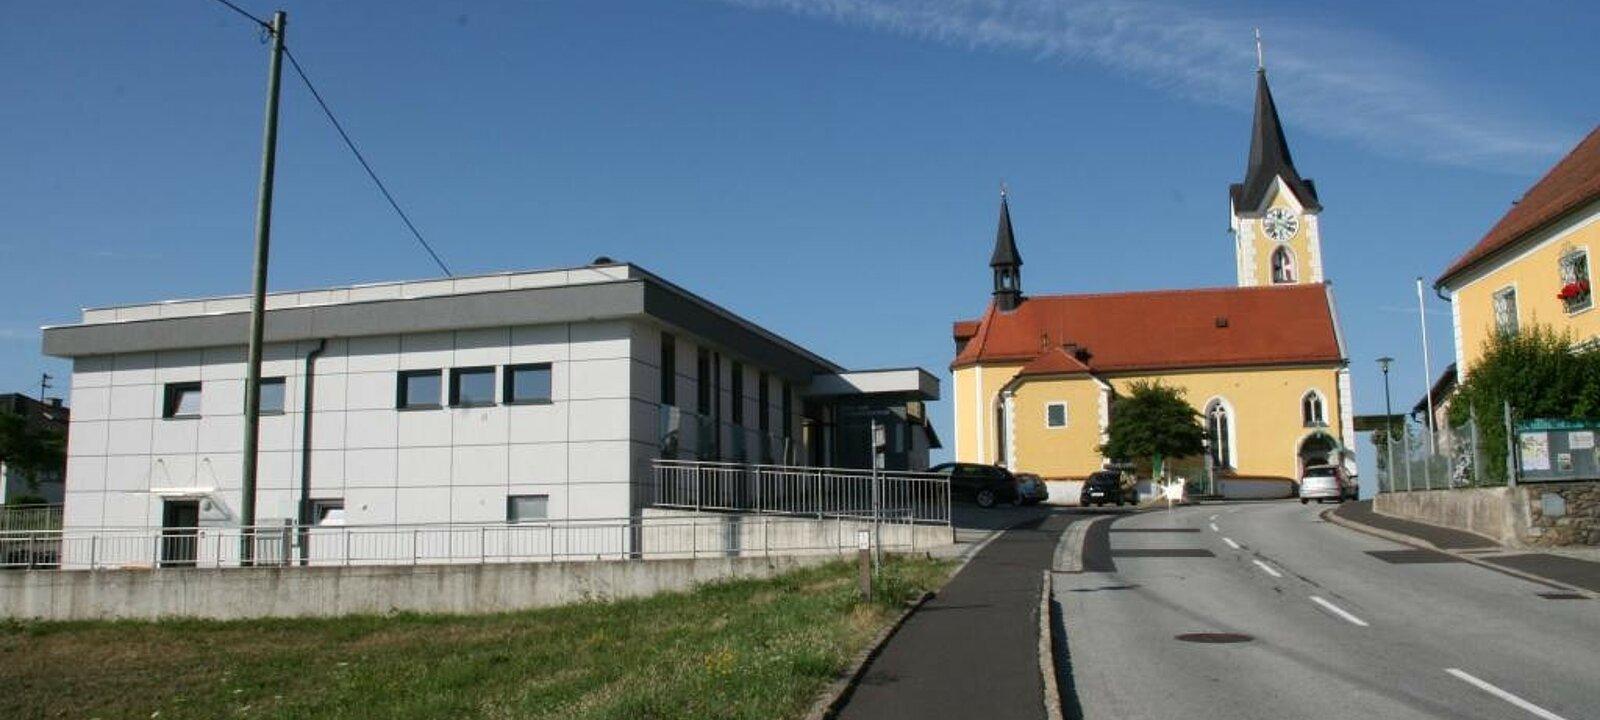 Ansicht Ortszentrum